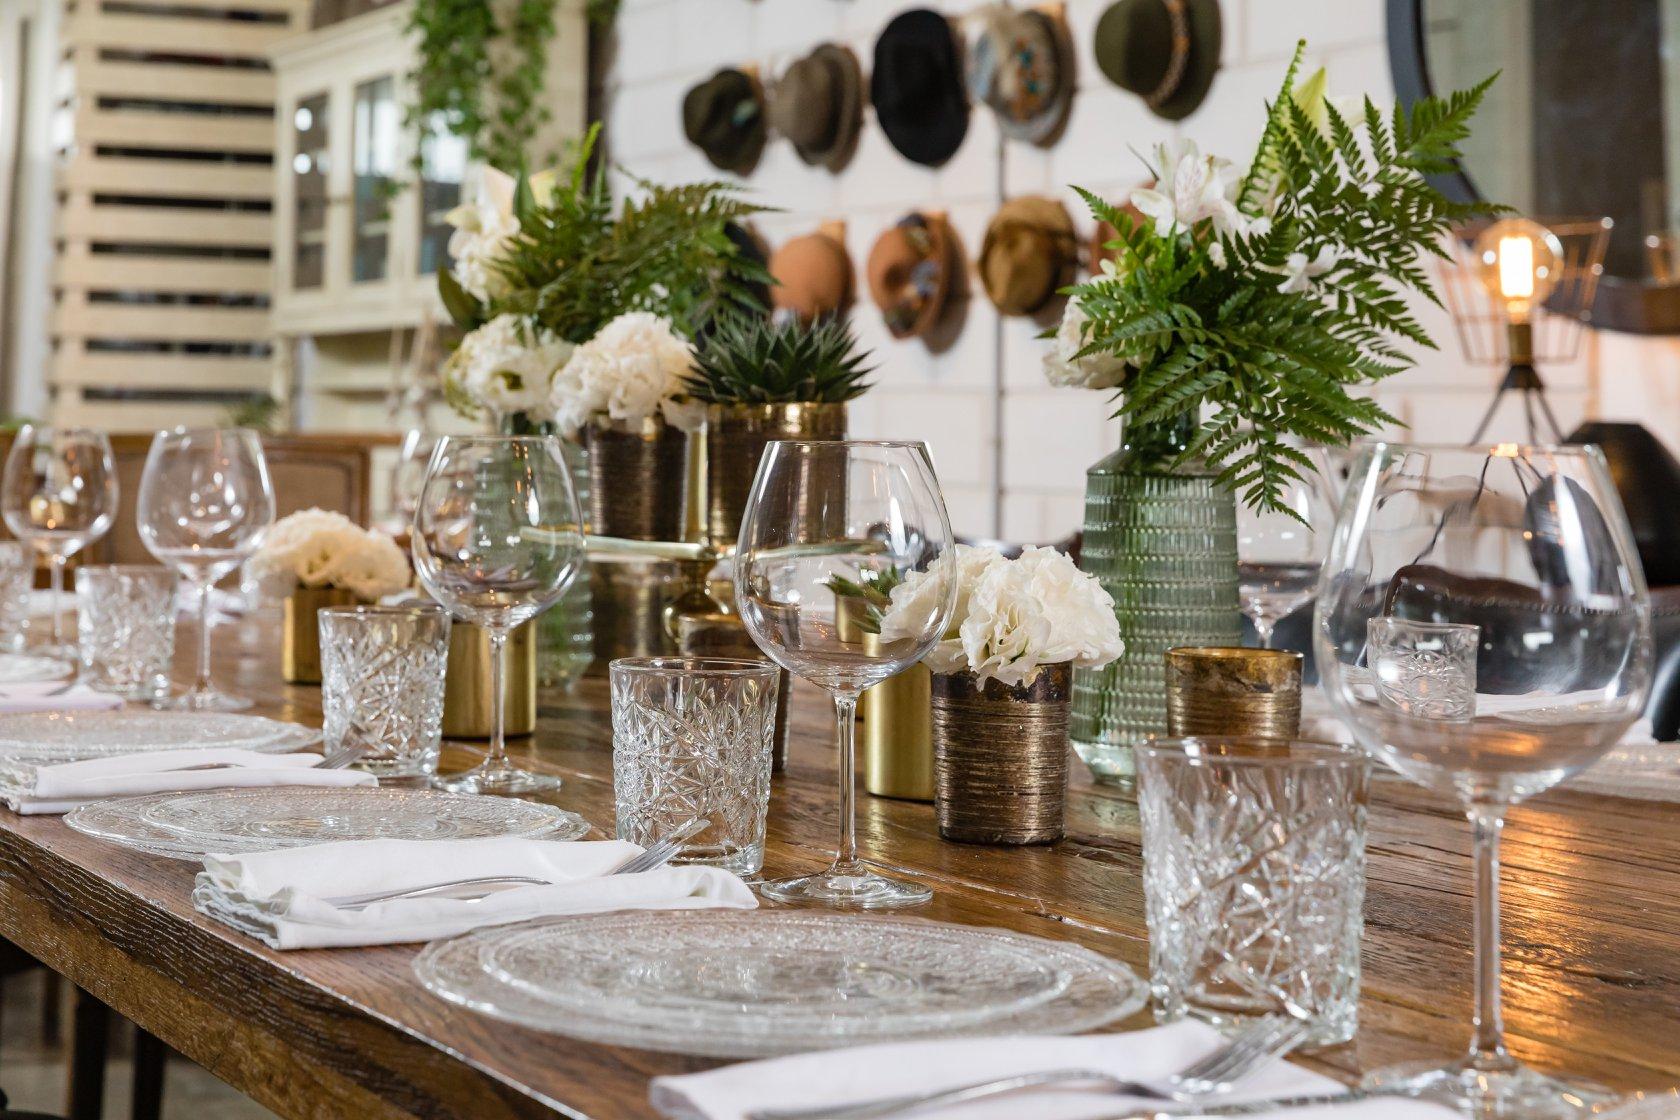 חתונות קטנות: המקומות הכי מיוחדים ברחבי הארץ